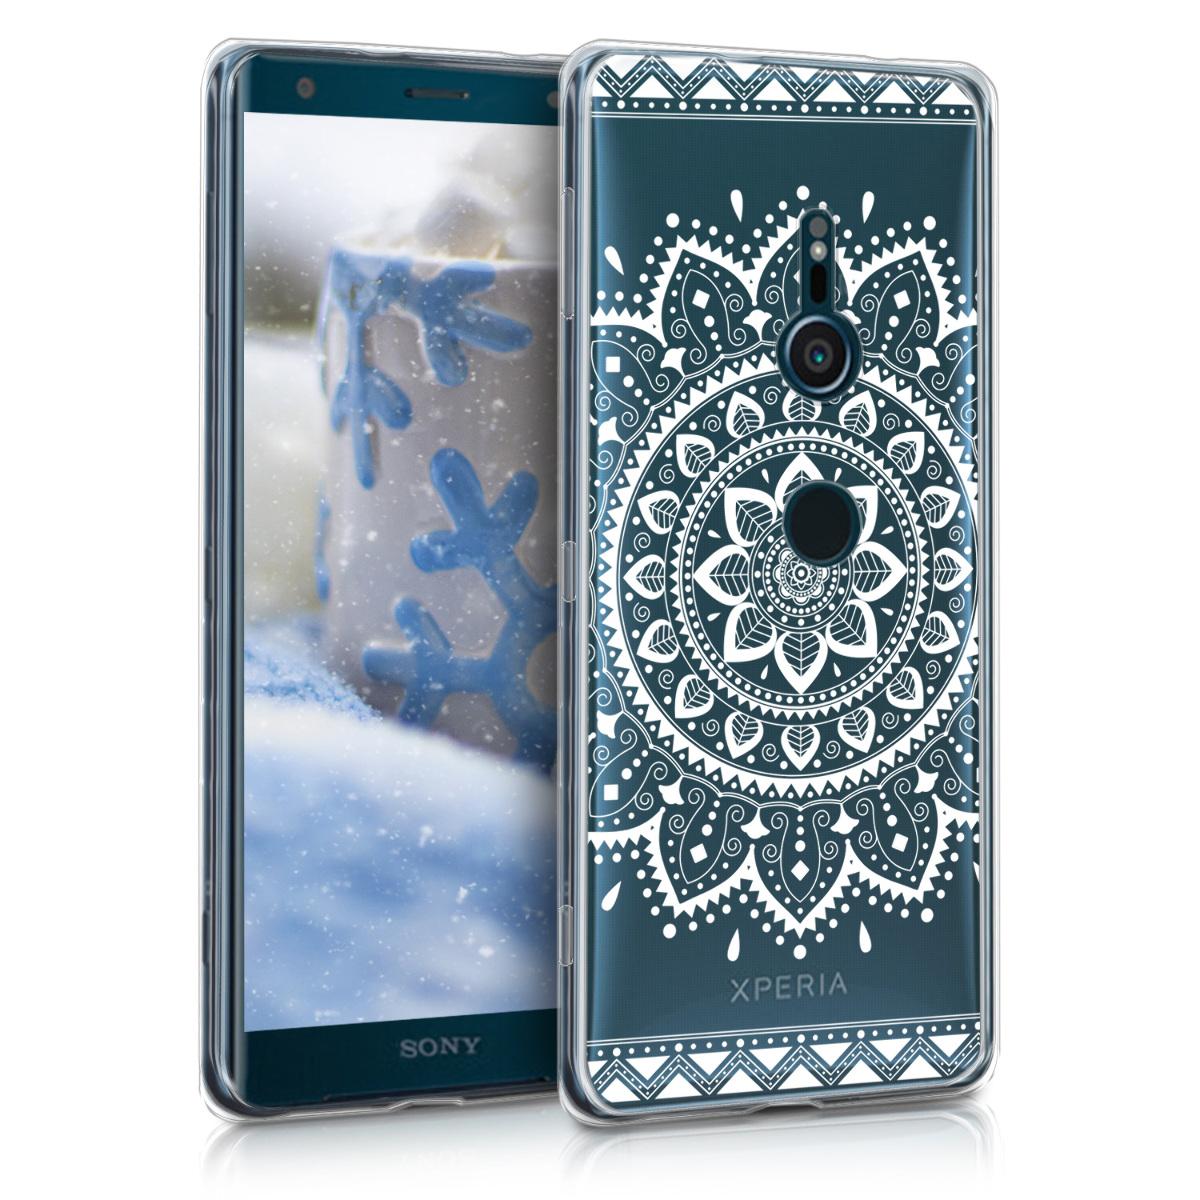 KW Θήκη Σιλικόνης Sony Xperia XZ3 - White / Transparent (45916.14)